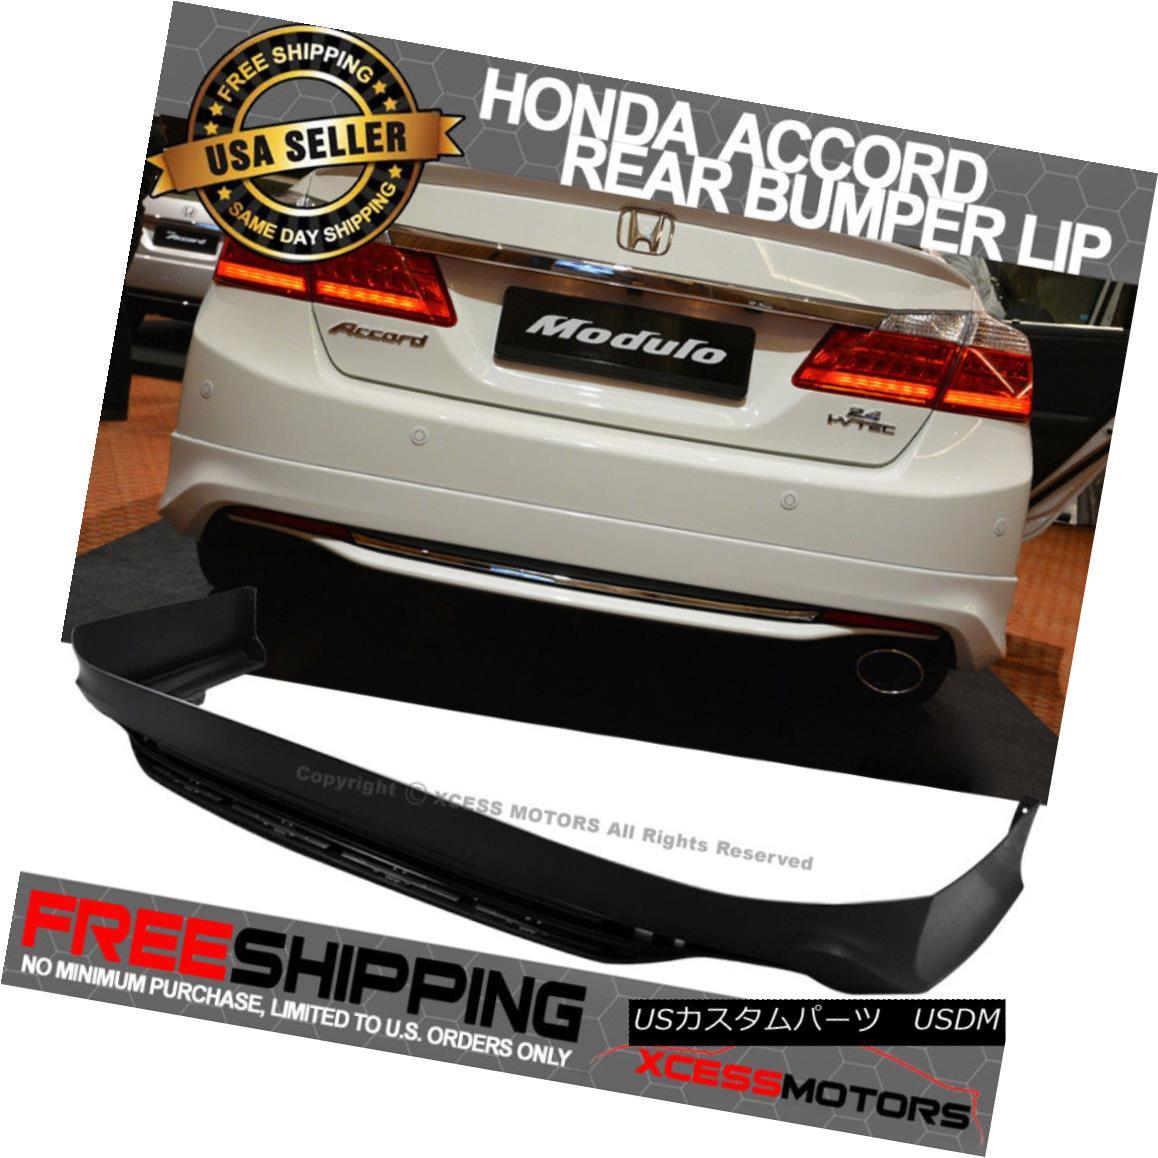 エアロパーツ Fits 13-15 Honda Accord MODULO Style Rear Bumper Lip Unpainted Black PP フィット13~15ホンダアコードMODULOスタイルリアバンパーリップ未塗装ブラックPP